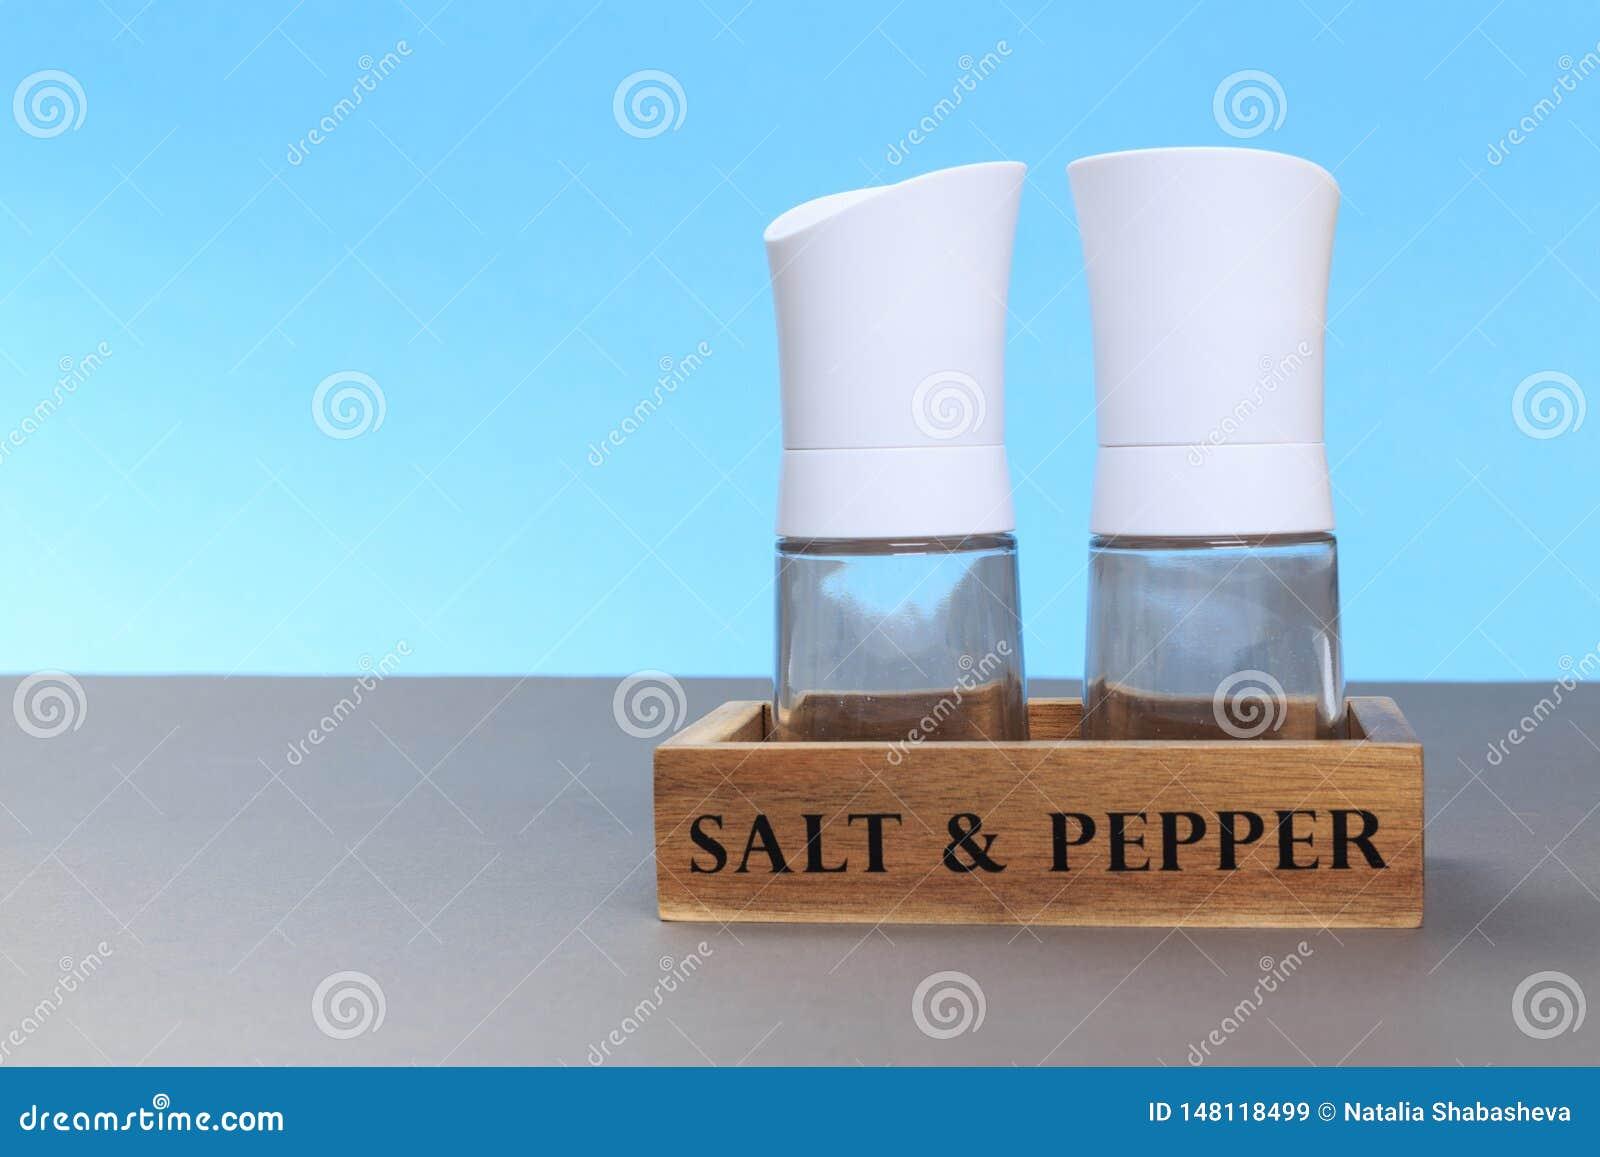 Dispositif trembleur de sel et de poivre sur le conseil gris et un fond bleu